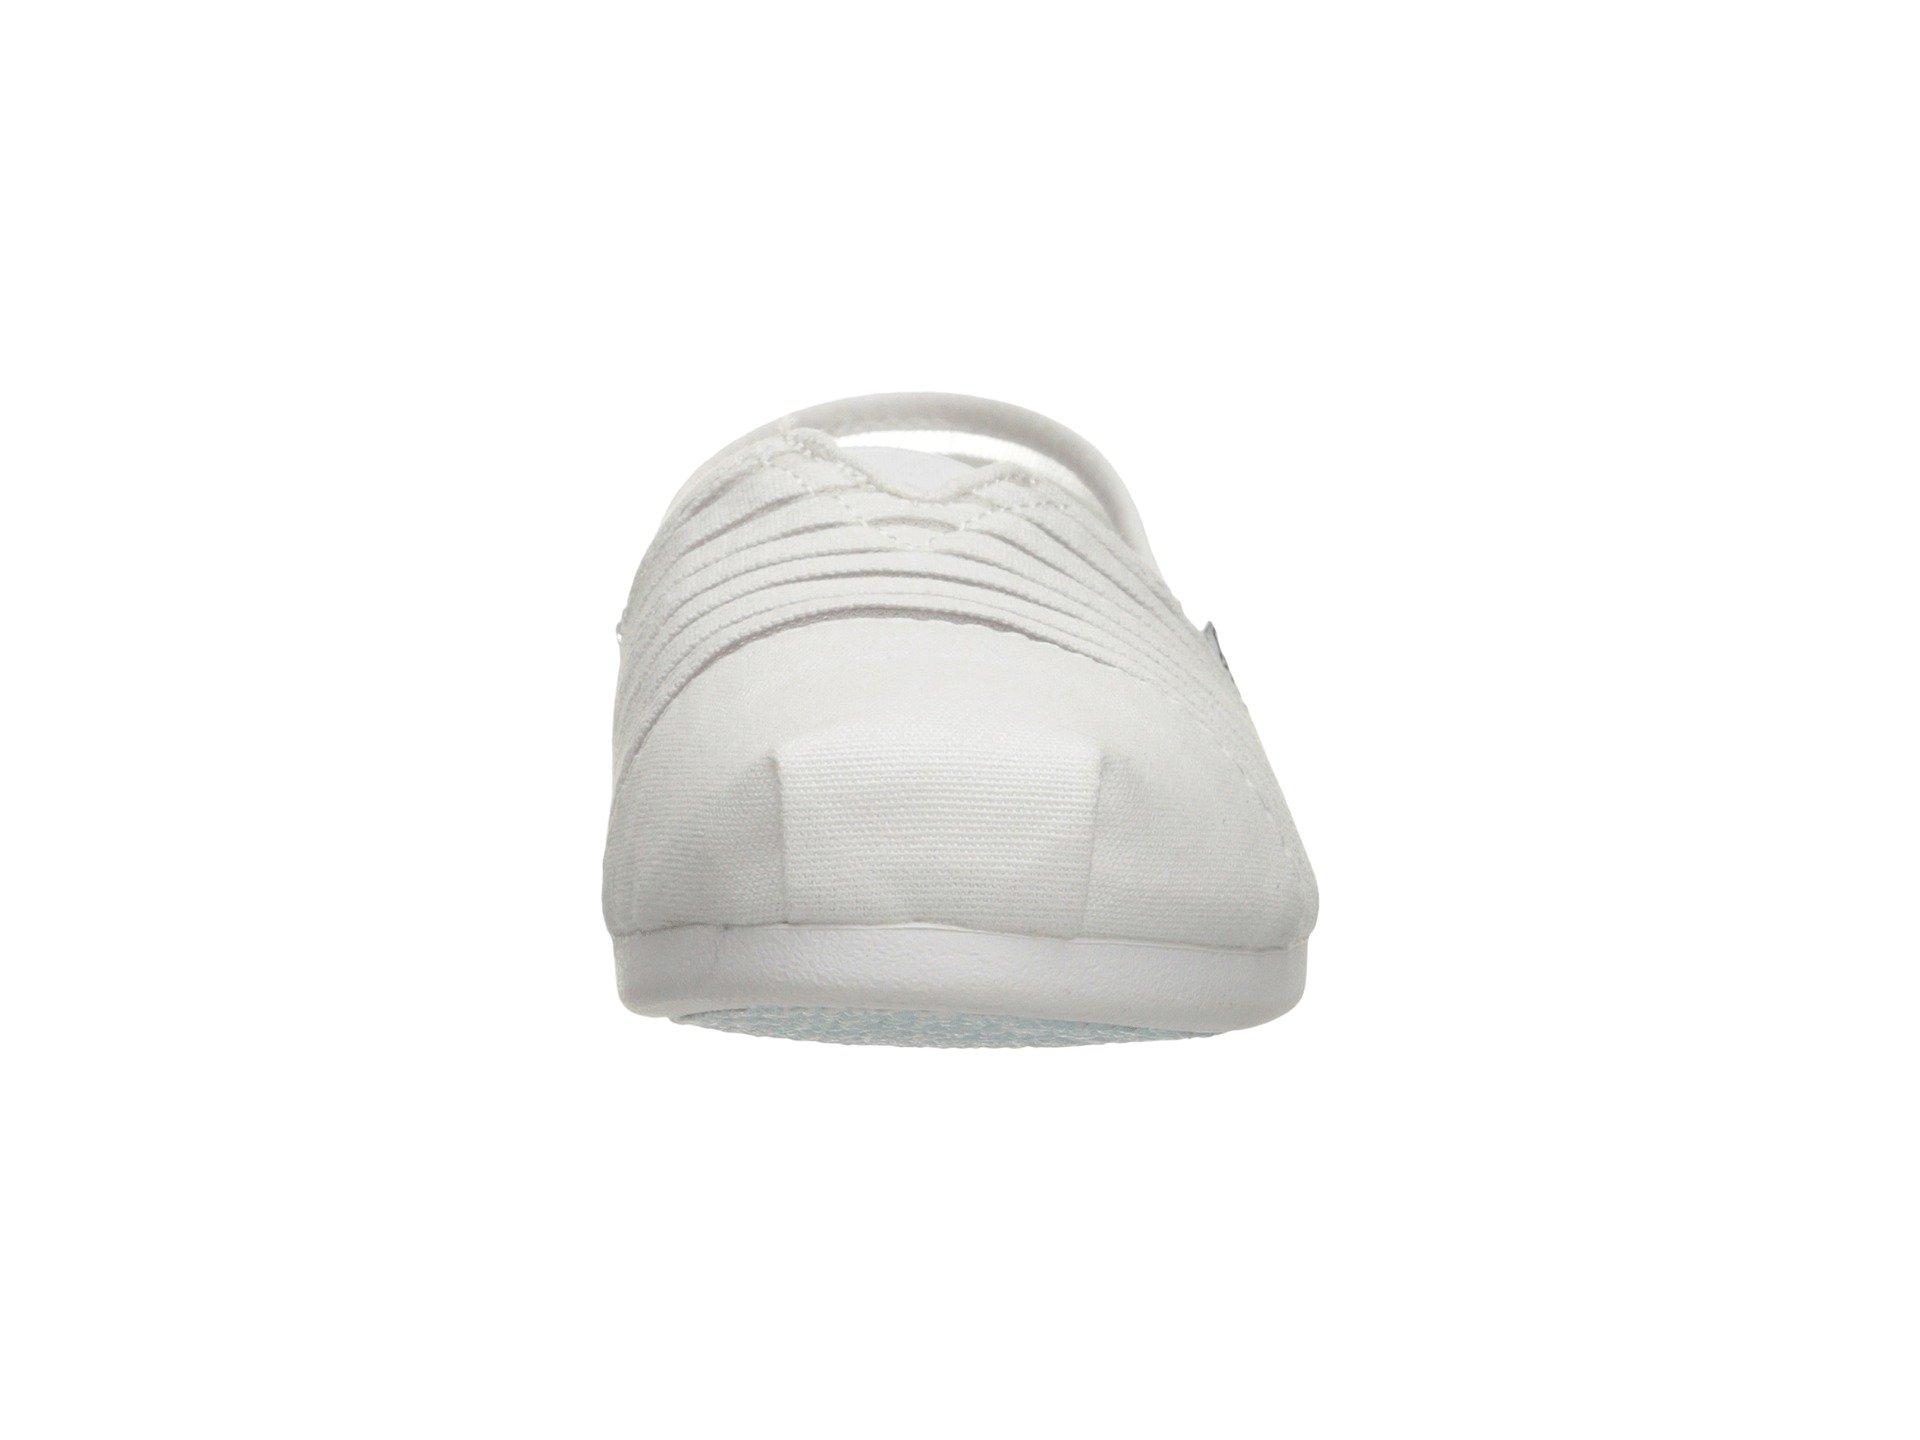 White Bobs Bobs Plush From White Skechers White Bobs Skechers Plush From Bobs From Skechers Plush IxAq4F4X